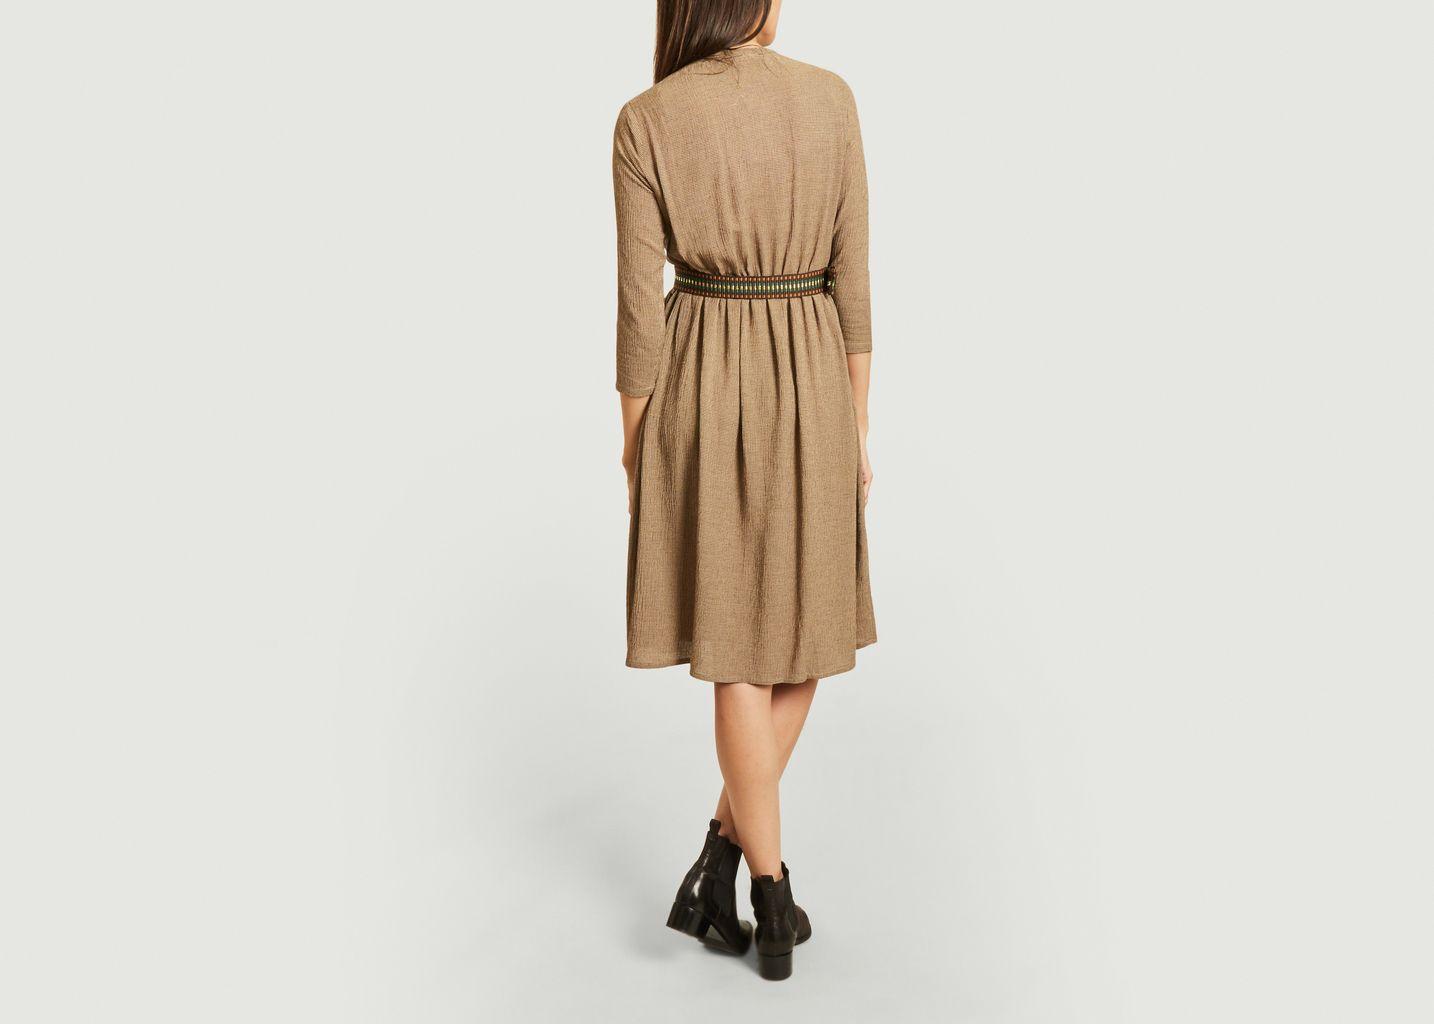 Robe boutonnée ceinturée Dolores  - Sessun